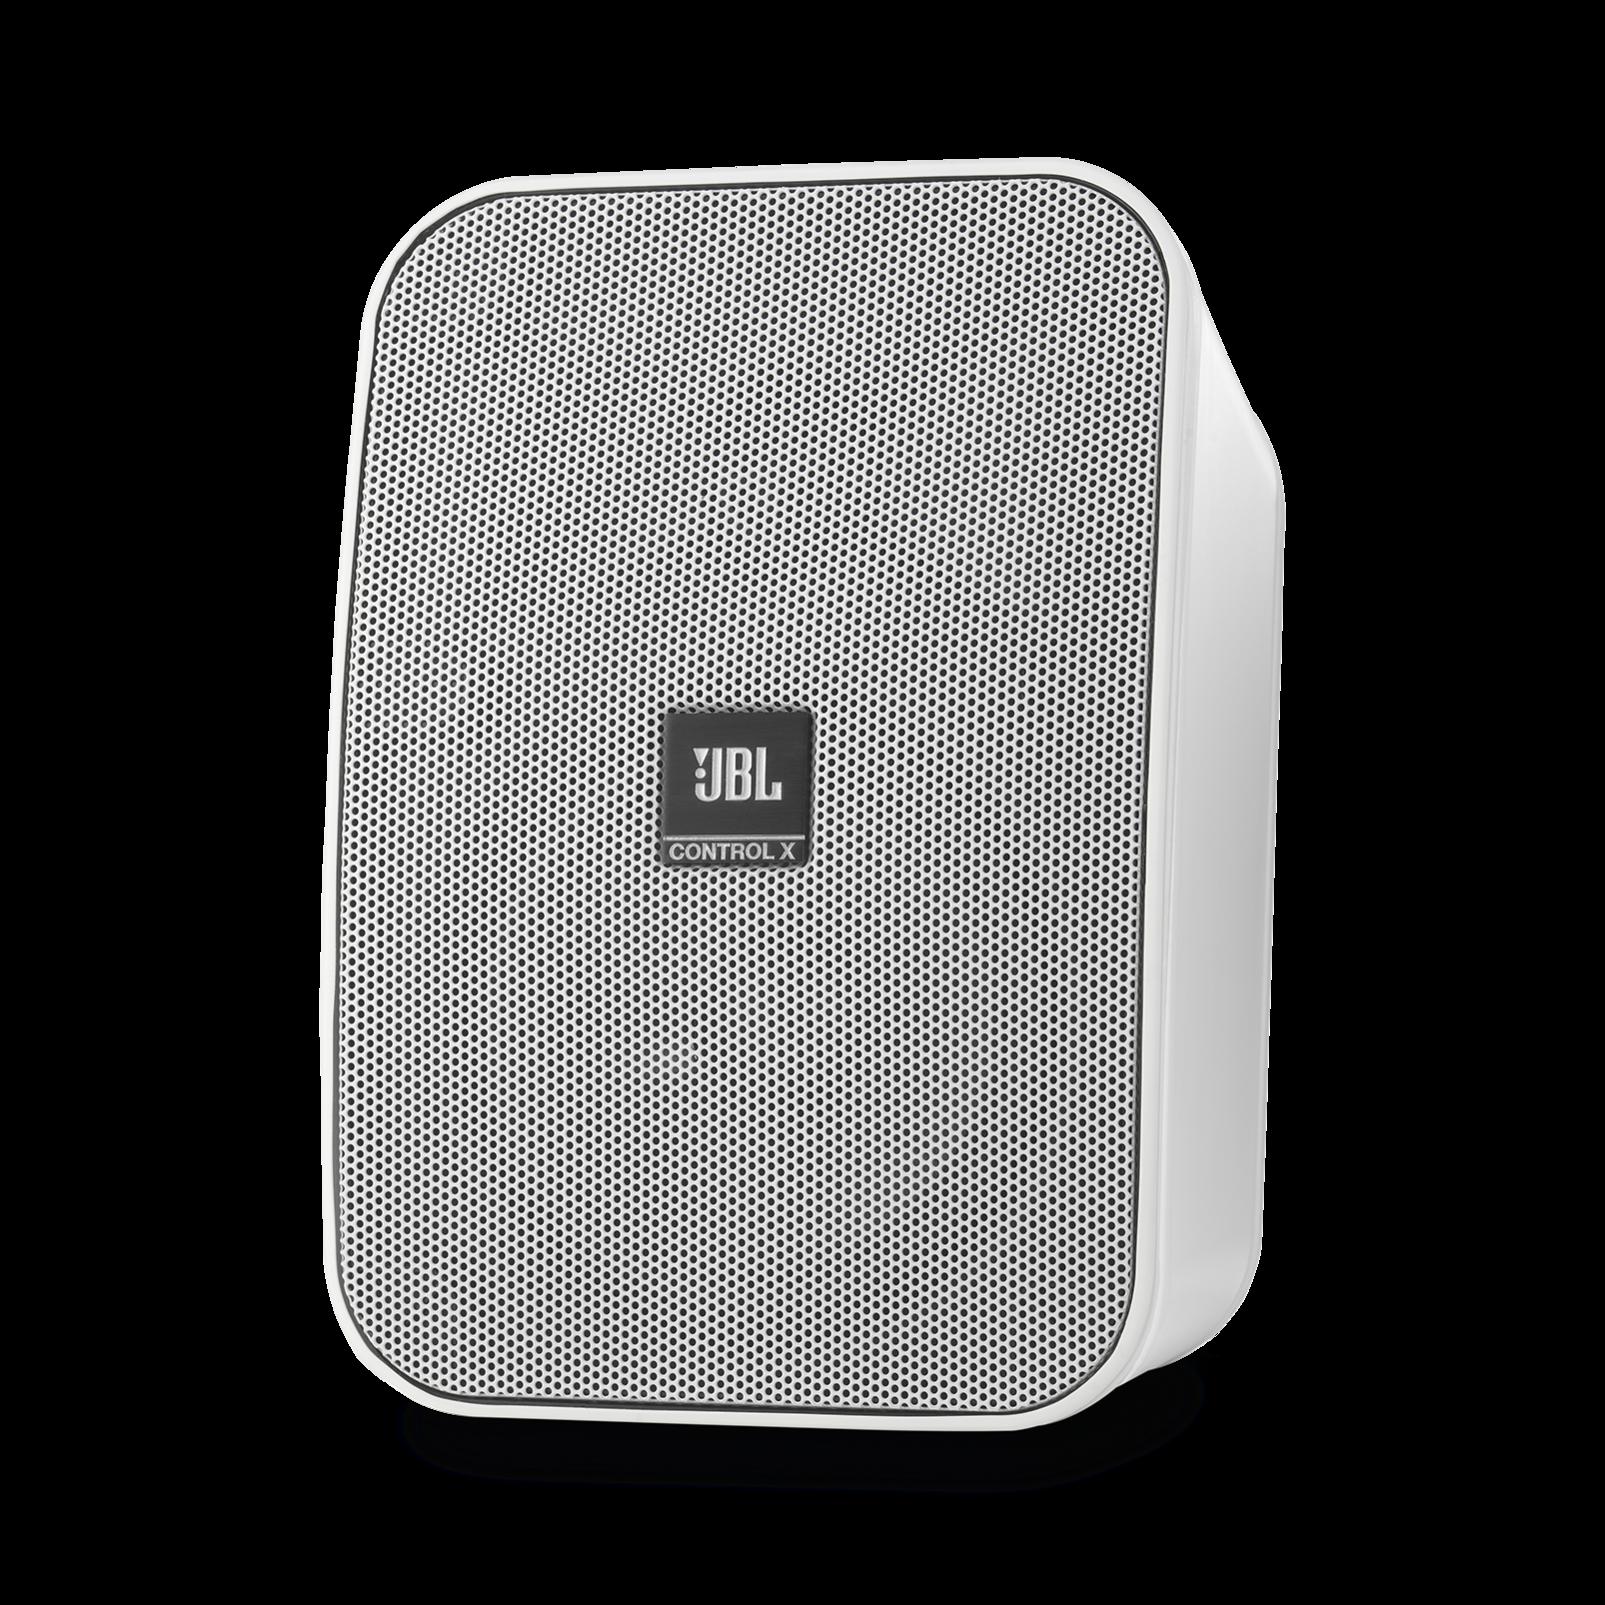 """JBL Control X - White - 5.25"""" (133mm) Indoor / Outdoor Speakers - Detailshot 5"""